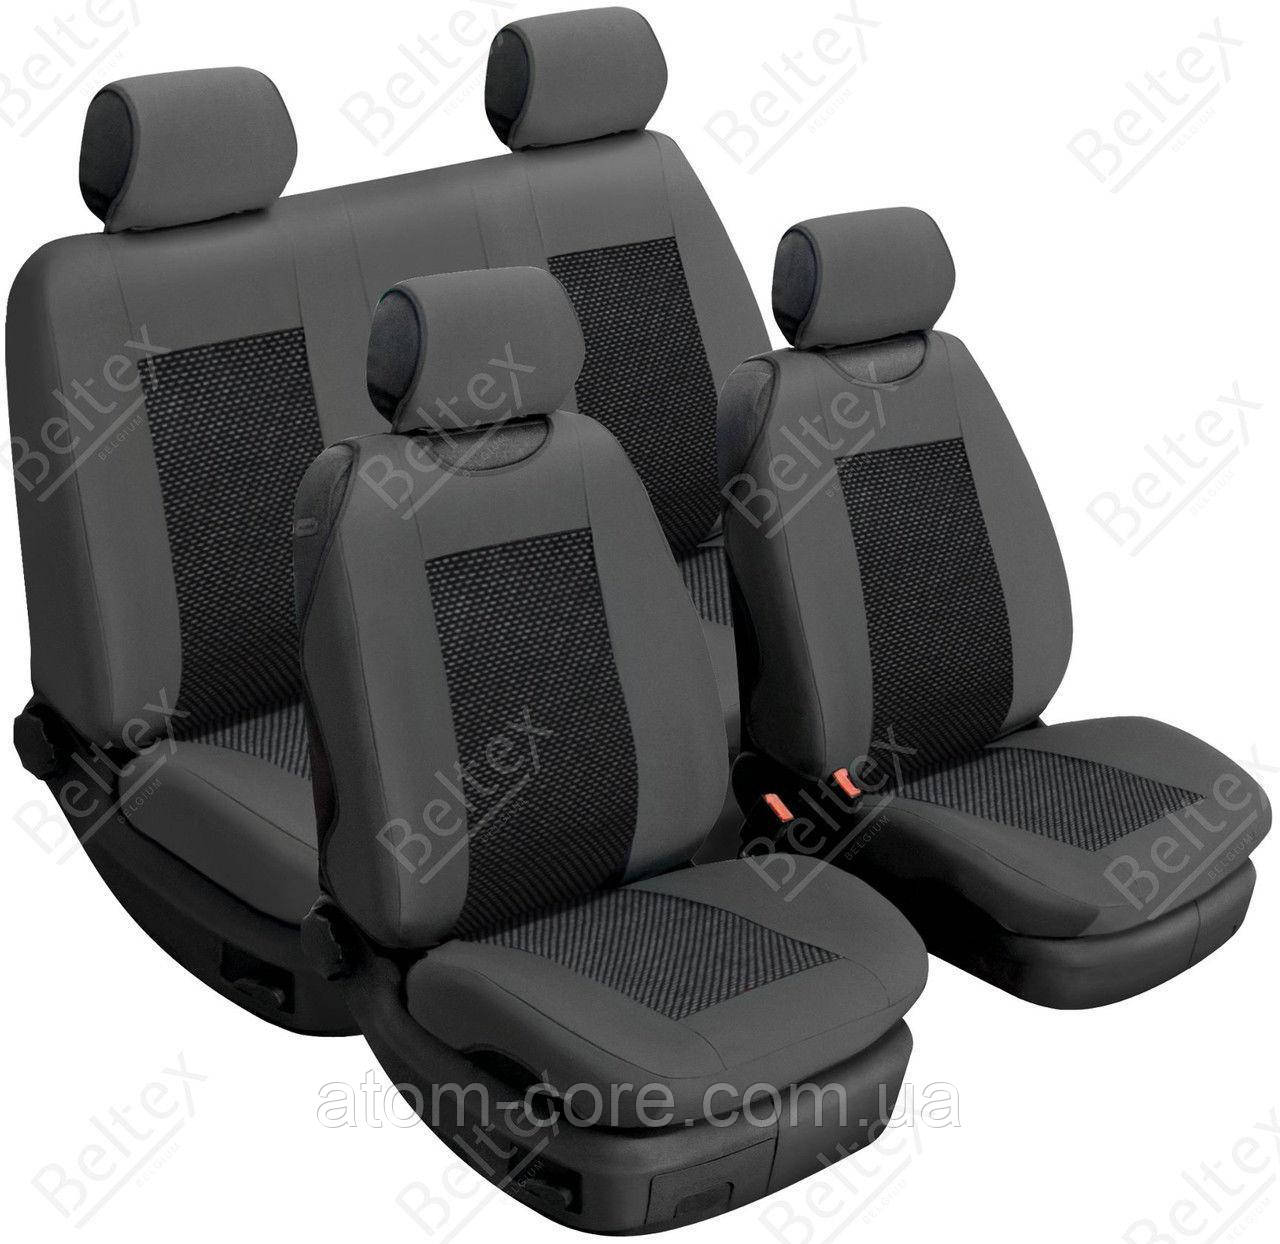 Майки/чехлы на сиденья Тойота ЛС Прадо 150 (Toyota LC Prado 150)